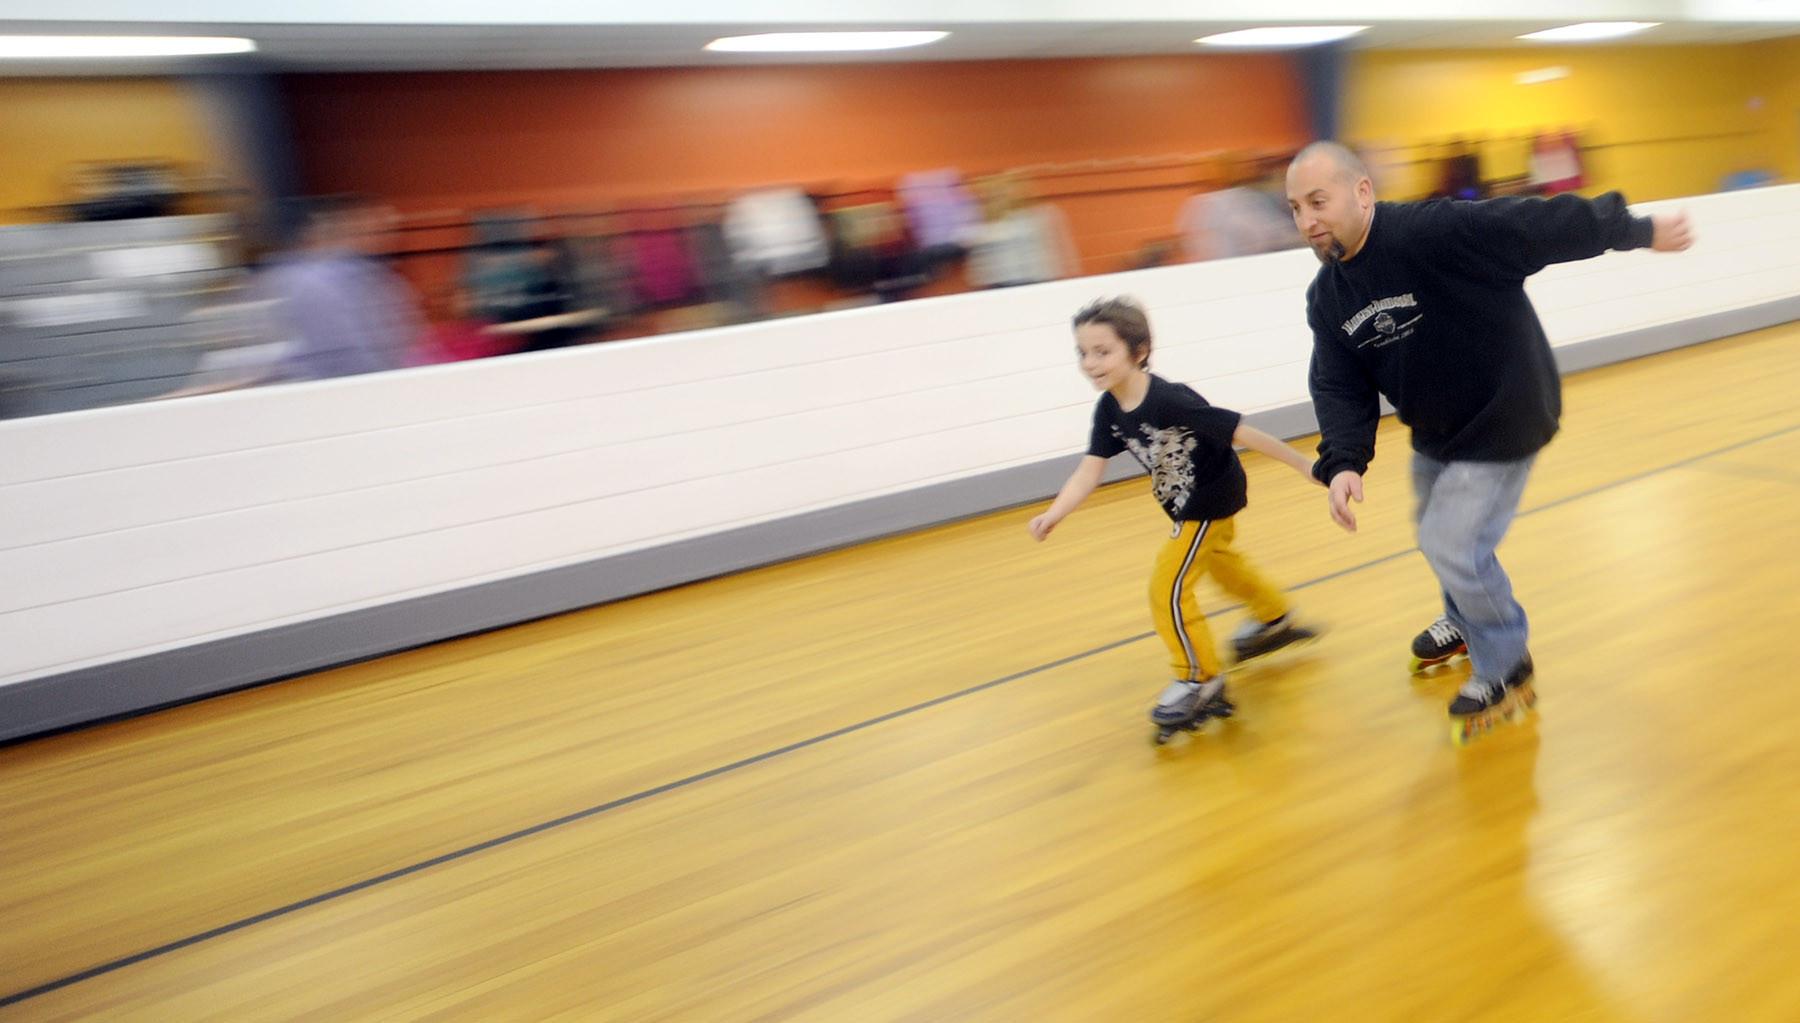 Roller skating rink in maryland - Roller Skating Rink In Maryland 8